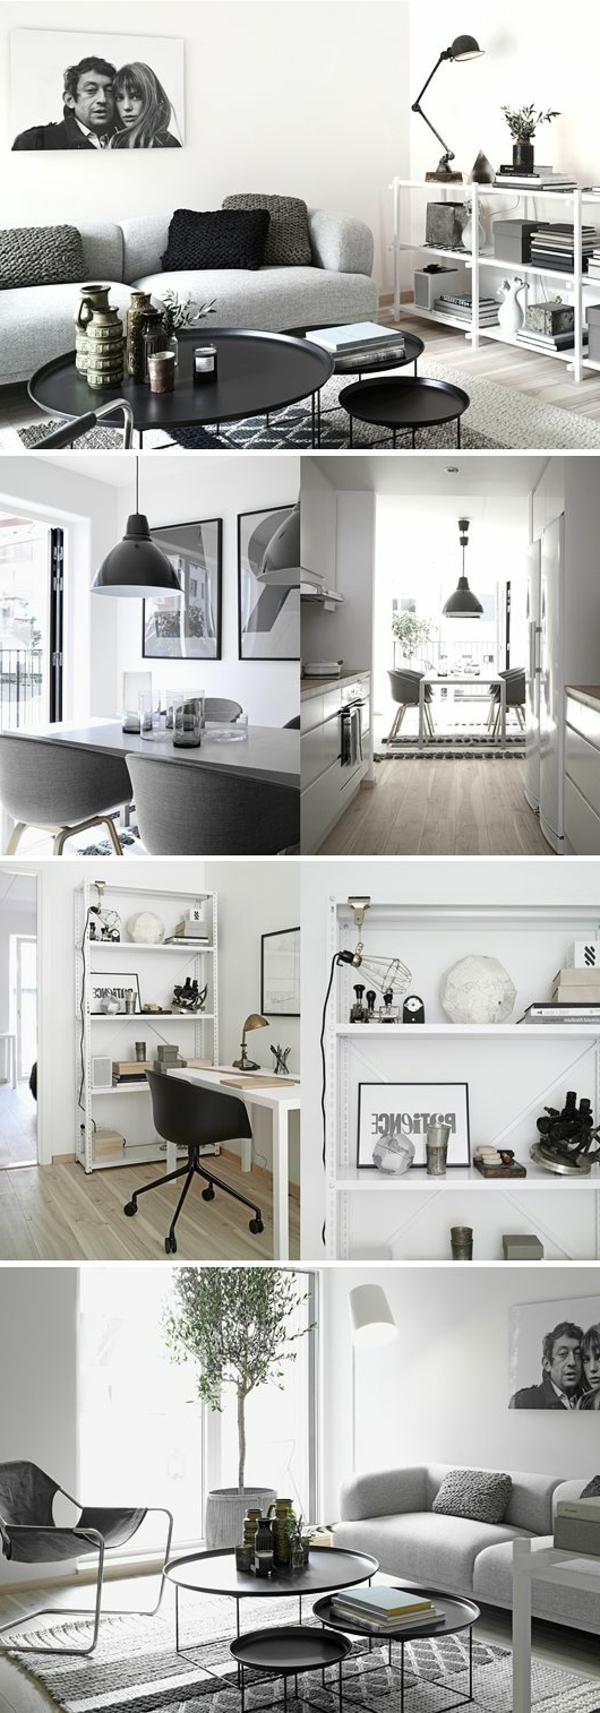 120 neue gestaltungsmöglichkeiten für wohnzimmer!